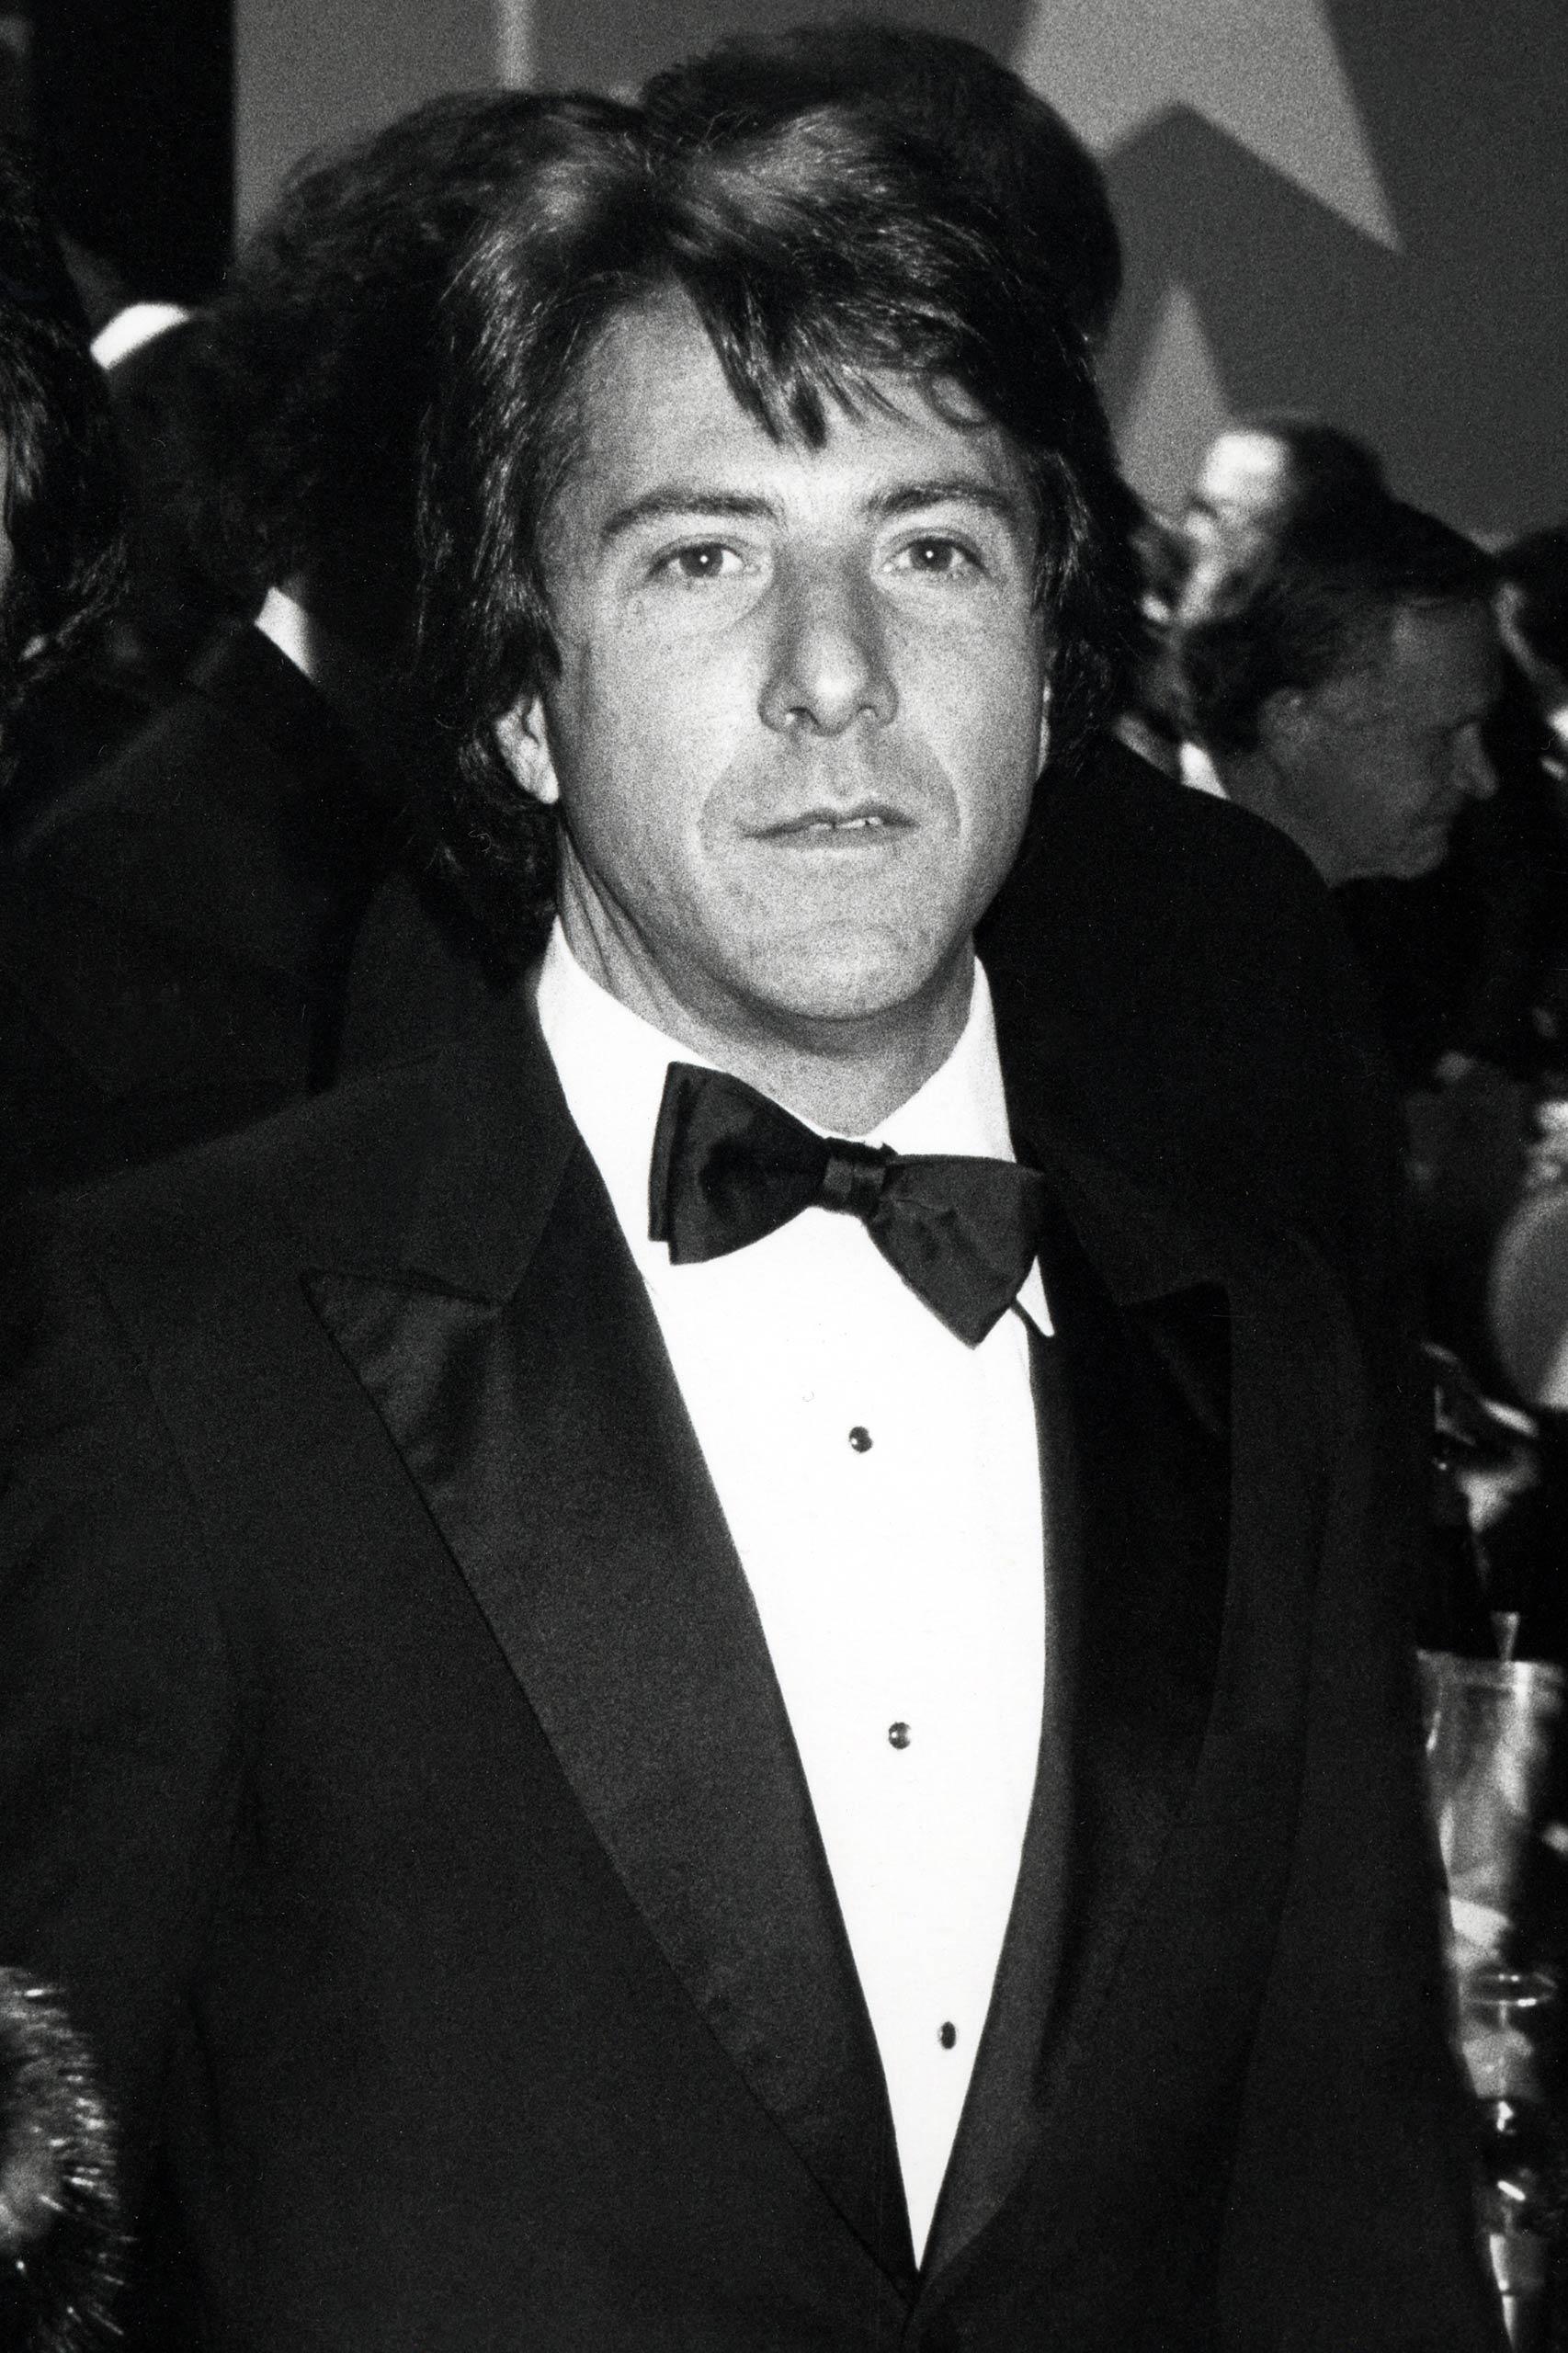 <strong>1980: Dustin Hoffman - <i>Kramer vs. Kramer</i>                                   1989: Dustin Hoffman - <i>Rain Man</i></strong>